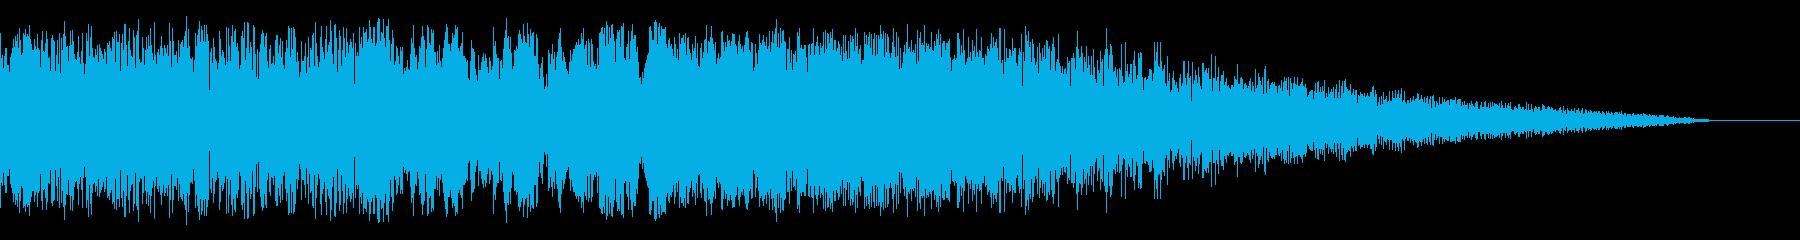 ドォォーーーーーーーーーーーーンの再生済みの波形